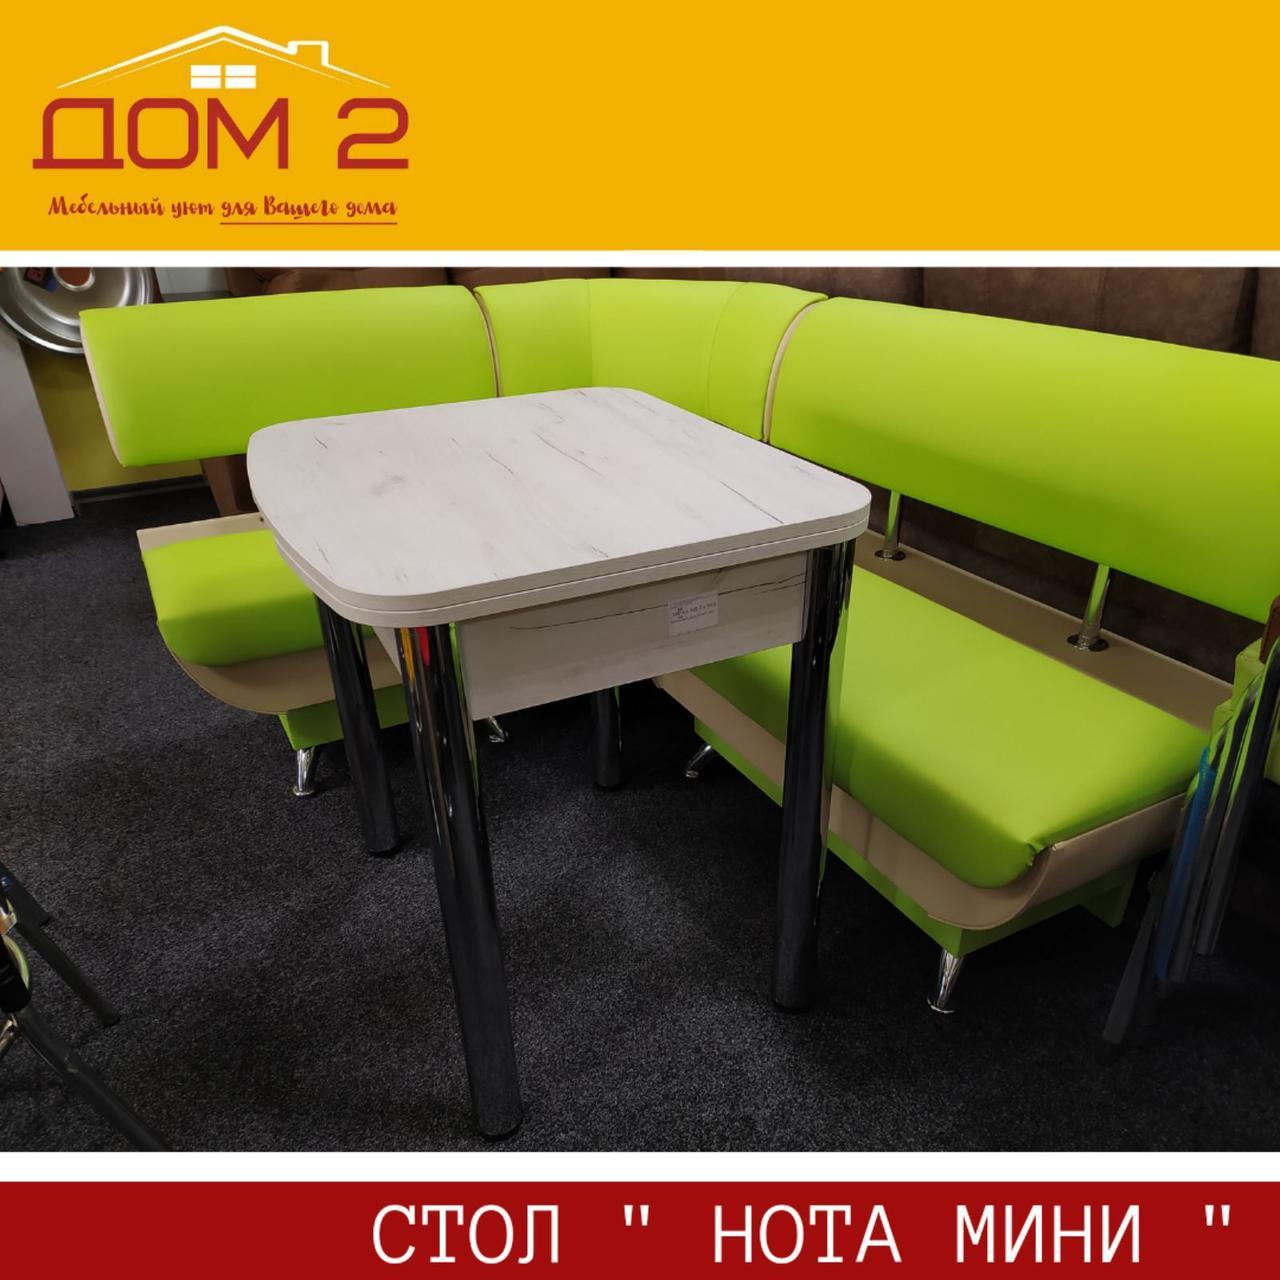 Раскладной обеденный стол Нота - Мини